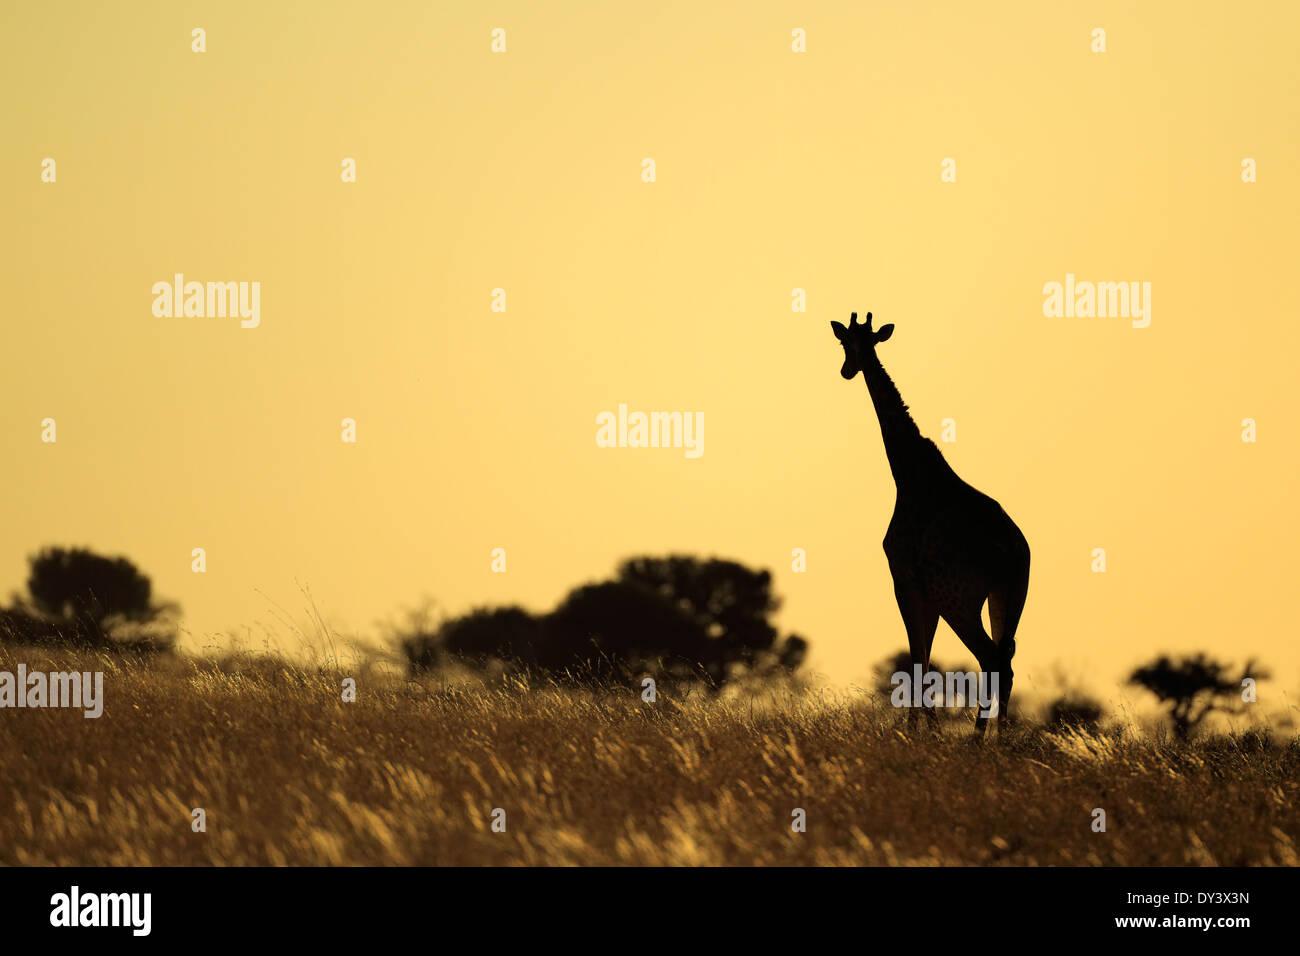 Eine Giraffe (Giraffa Plancius) gegen einen Sonnenuntergang, Südafrika Stockbild